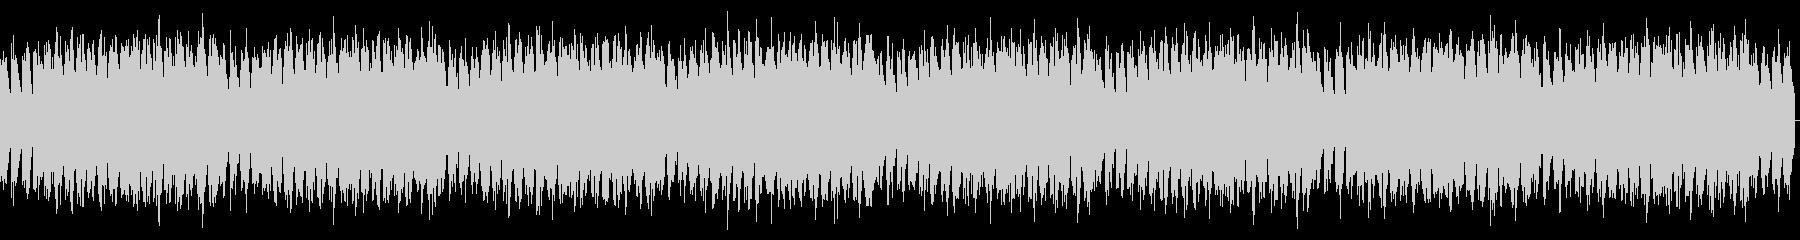 エレクトリックピアノ、おしゃれの未再生の波形